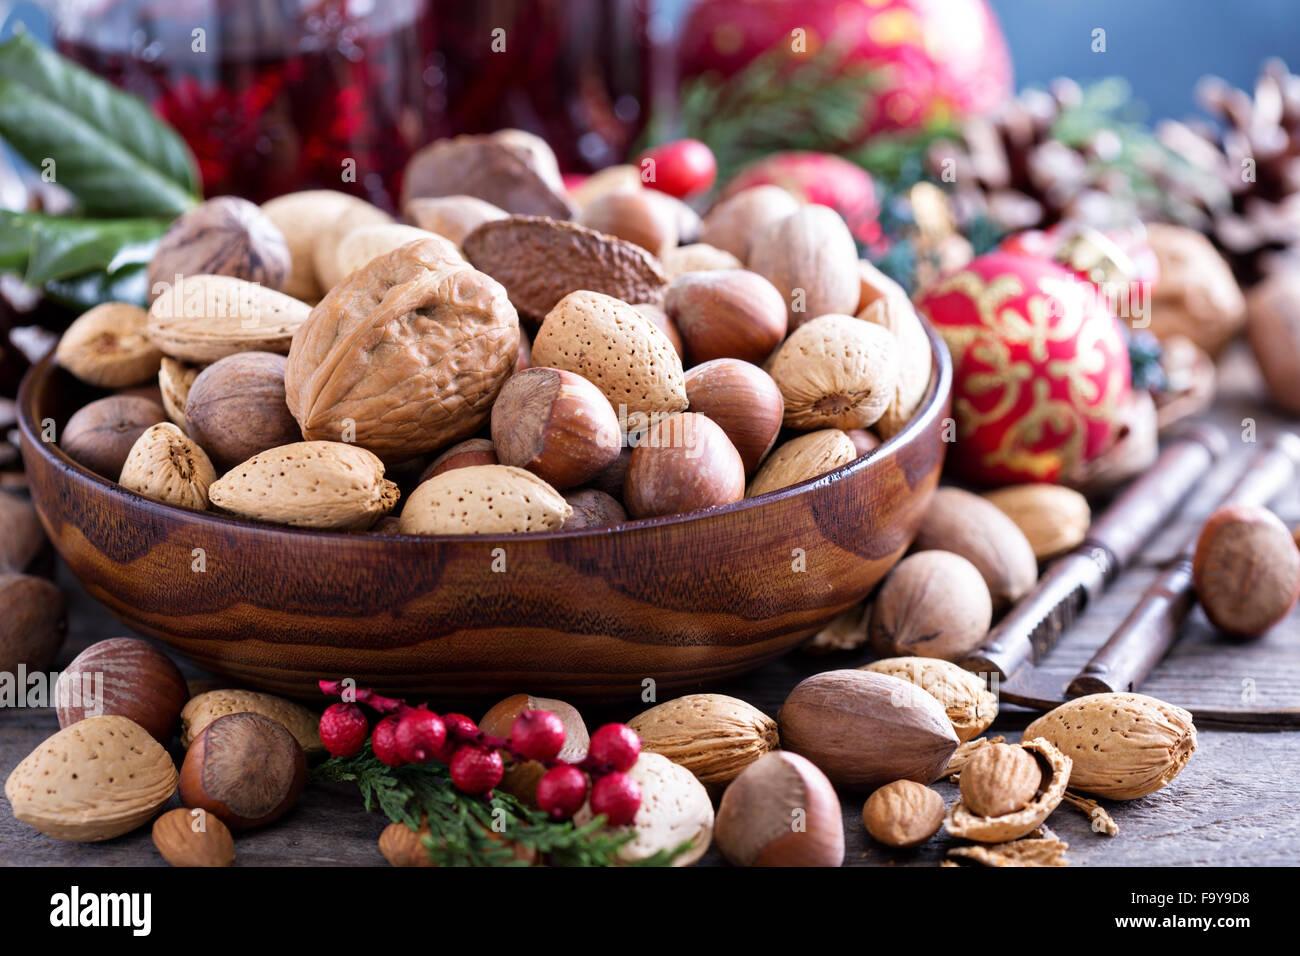 Variedad de nueces con cáscara en un recipiente marrón Foto de stock